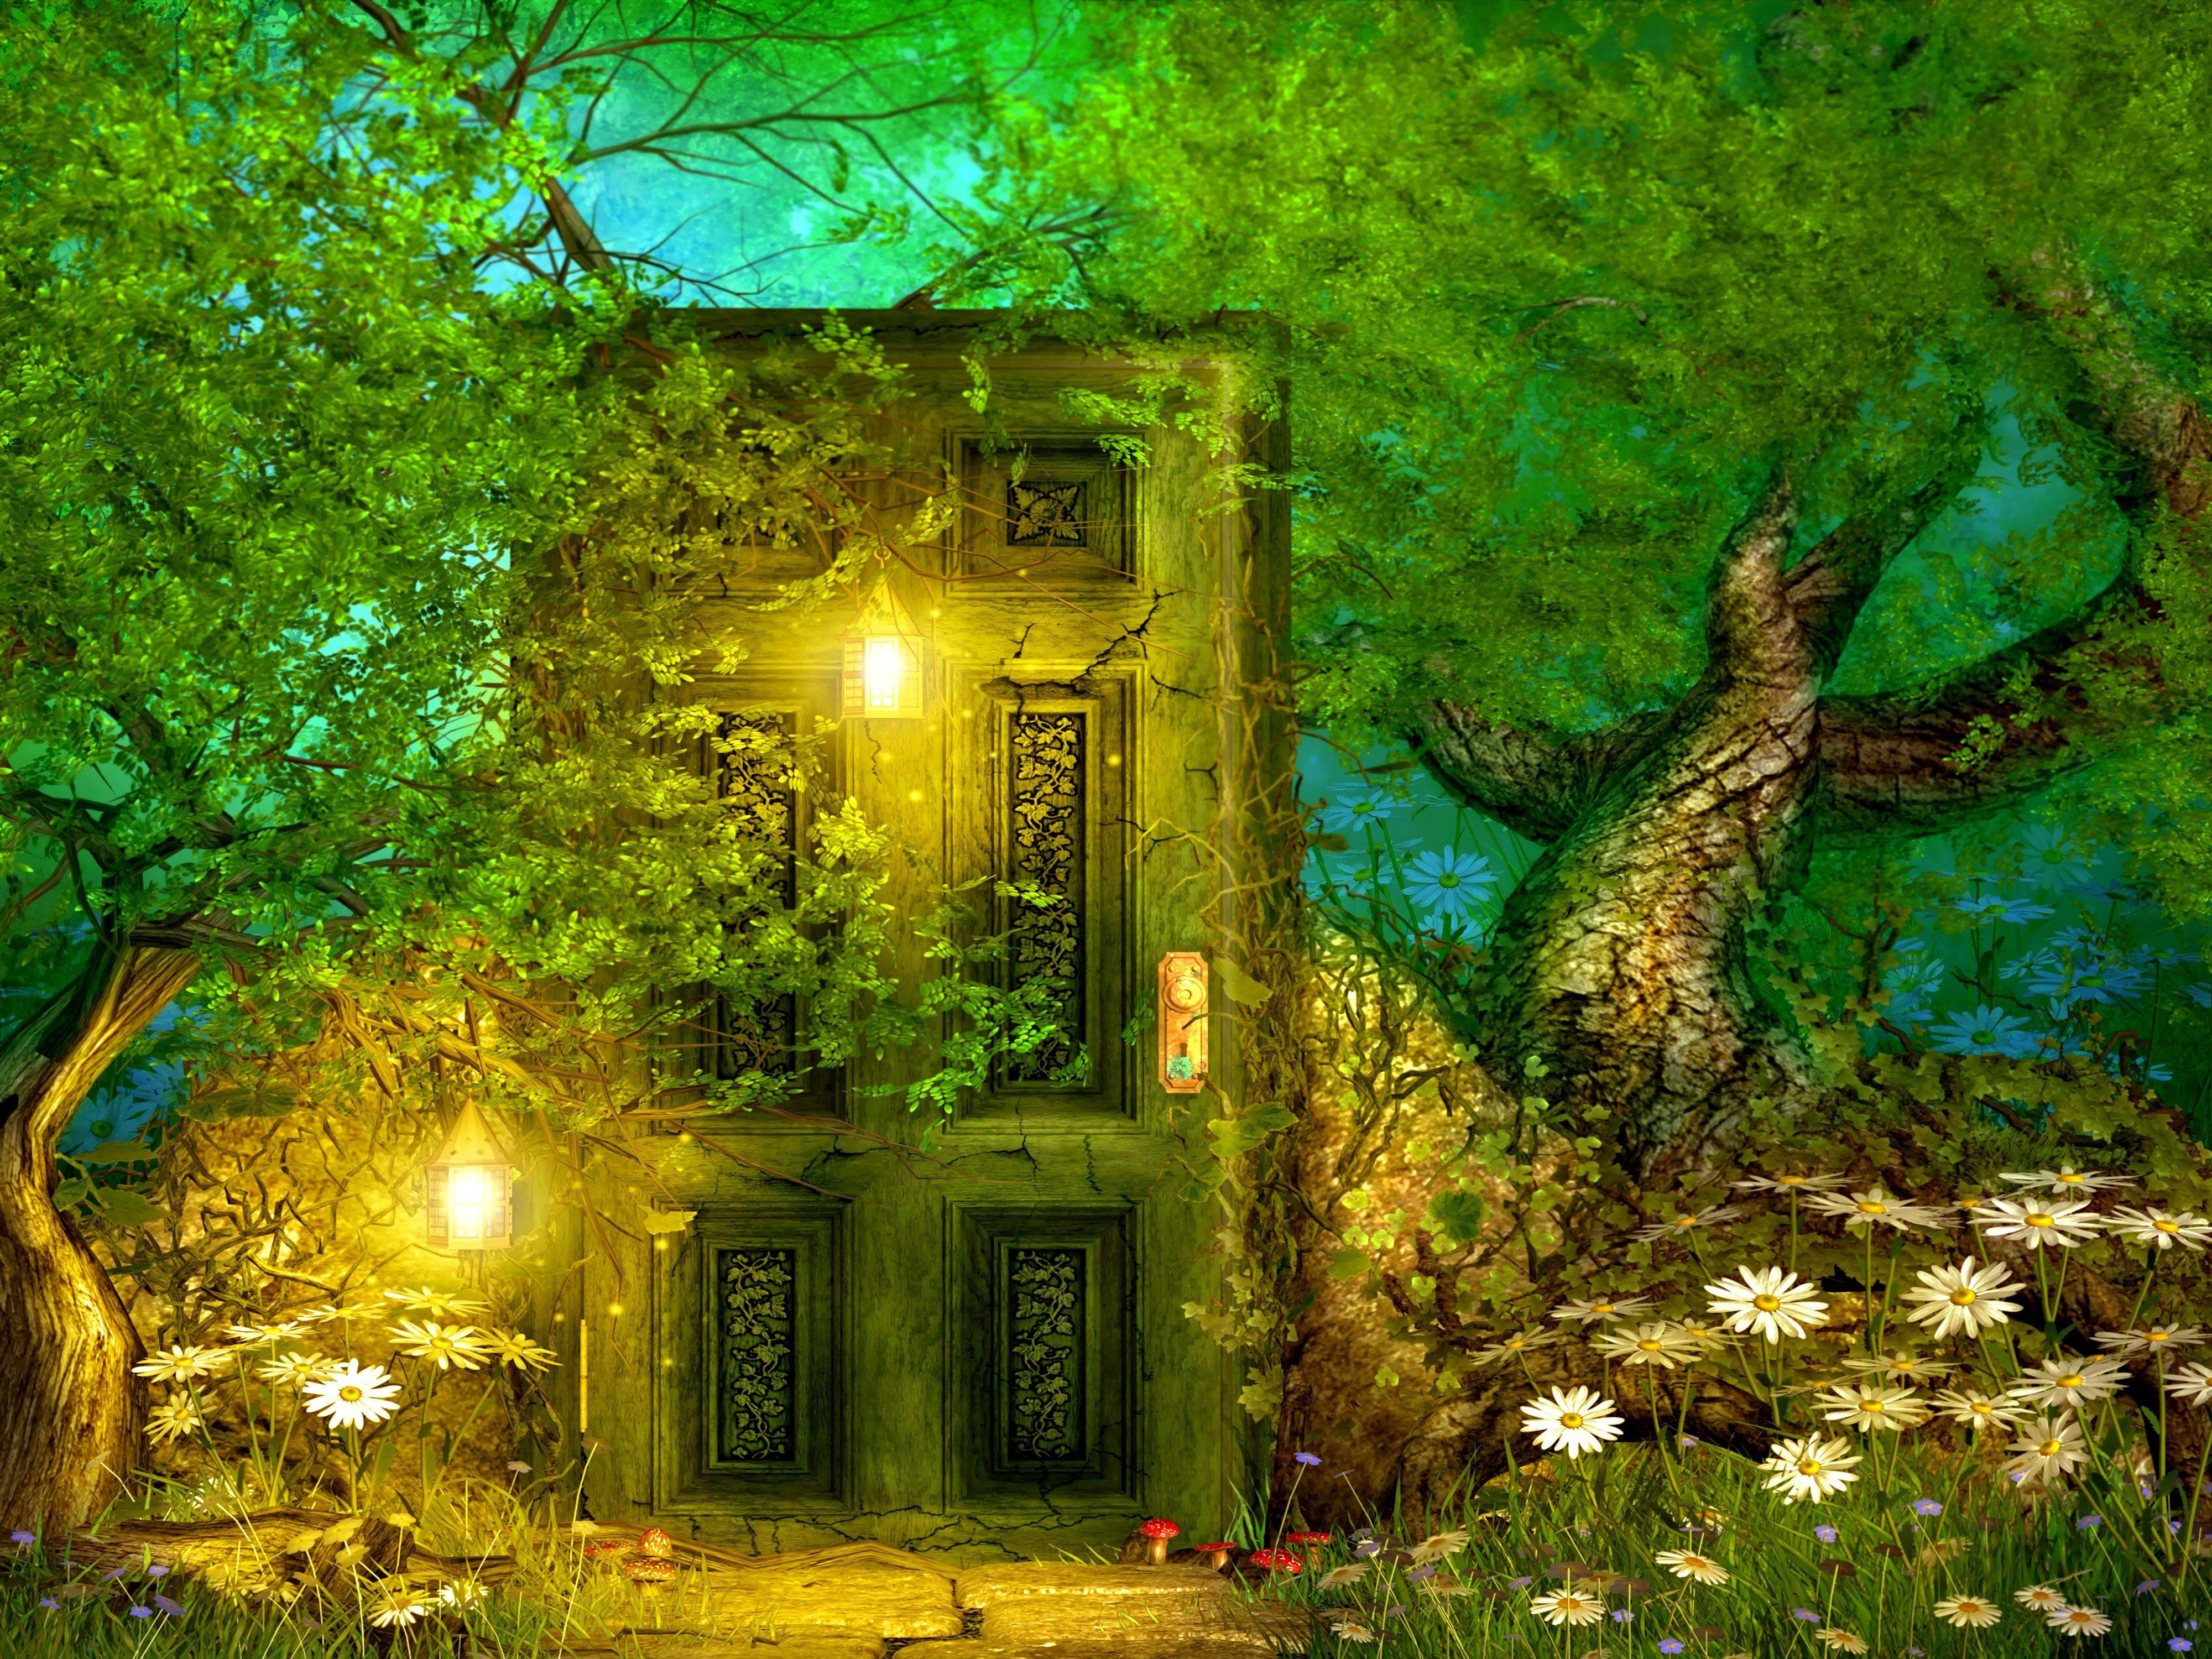 Fairytale Door Wallpaper Background For Photography Studio Backdrops Photography Backdrops